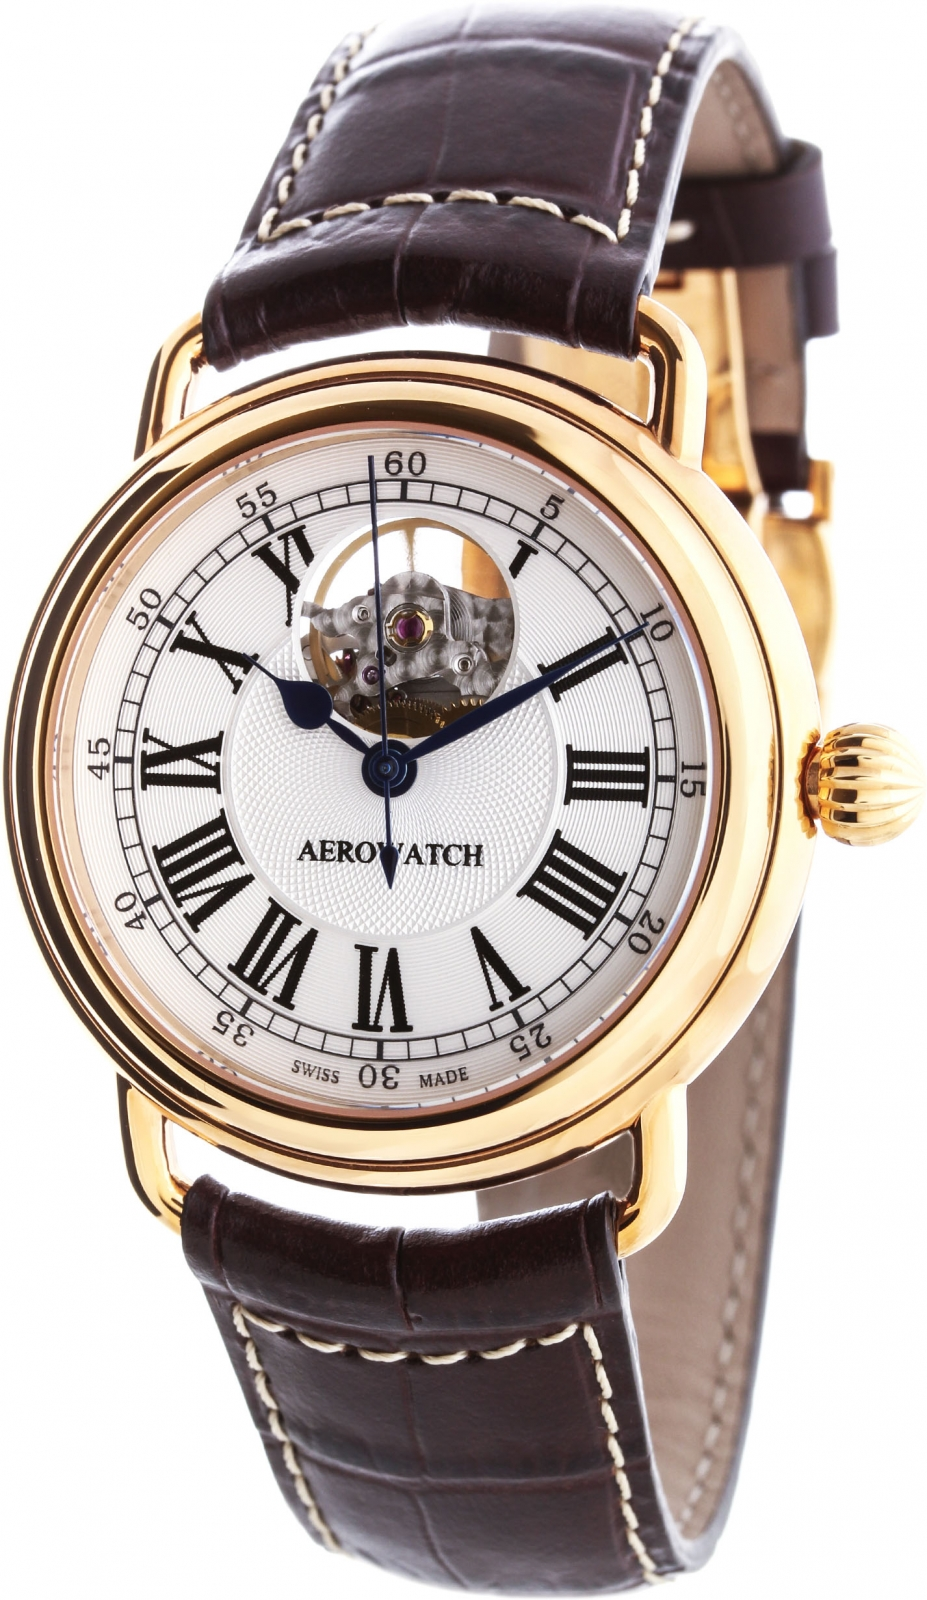 Aerowatch 1942 68900 R102Наручные часы<br>Швейцарские часы Aerowatch 1942 68900 R102<br><br>Пол: Мужские<br>Страна-производитель: Швейцария<br>Механизм: Механический<br>Материал корпуса: Сталь<br>Материал ремня/браслета: Кожа<br>Водозащита, диапазон: None<br>Стекло: Сапфировое<br>Толщина корпуса: None<br>Стиль: None